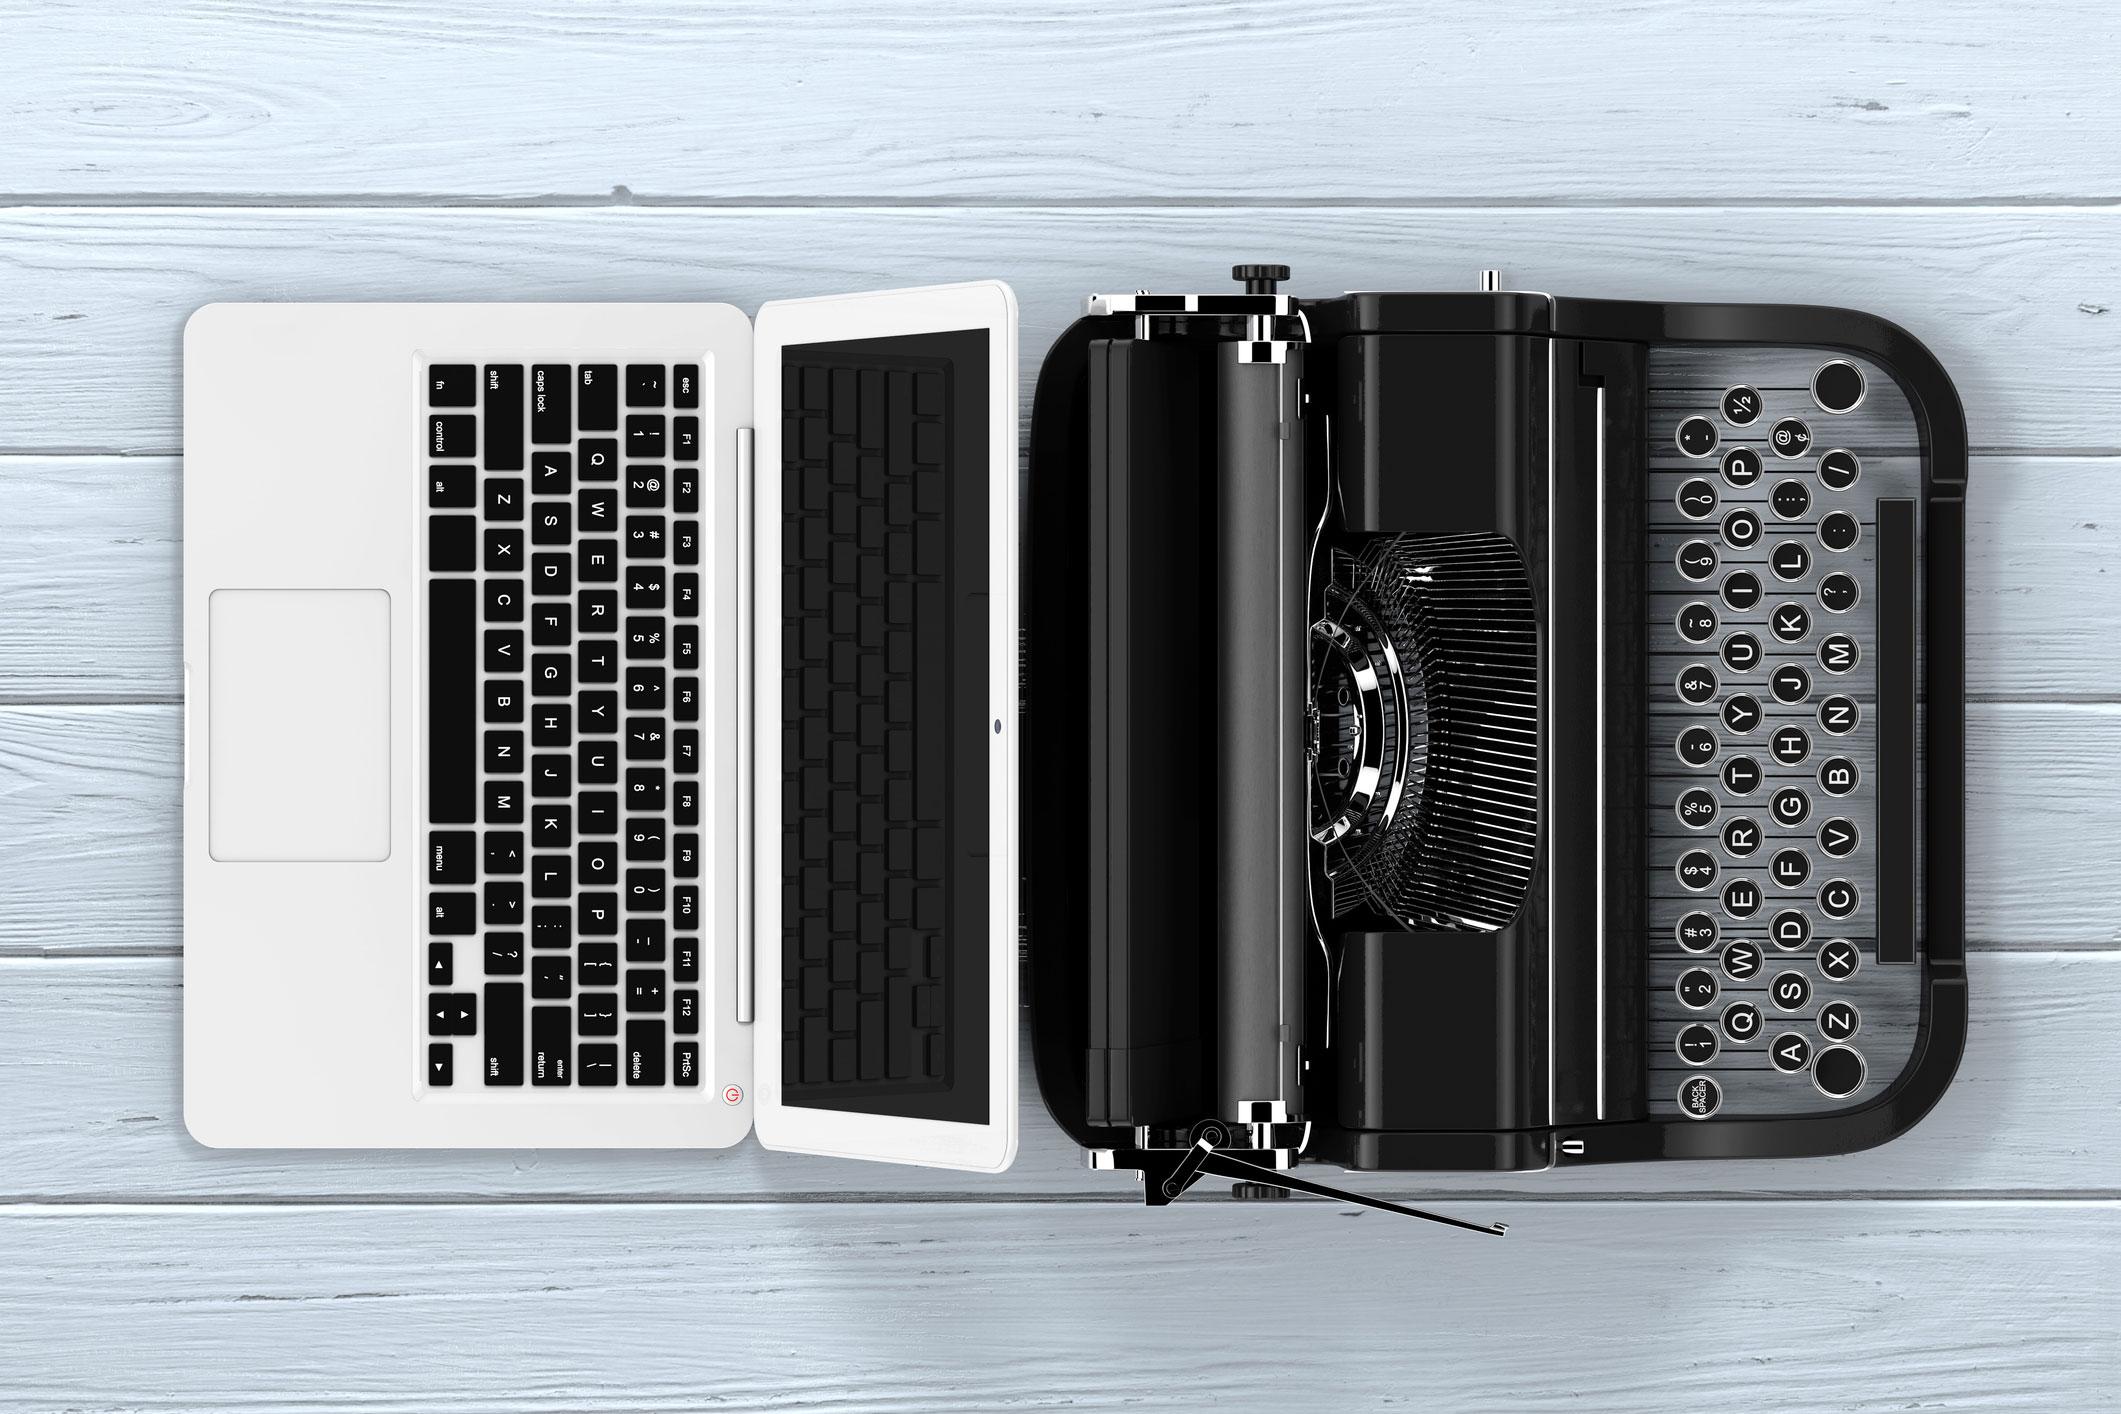 5 productos tecnológicos de última generación que no te puedes perder